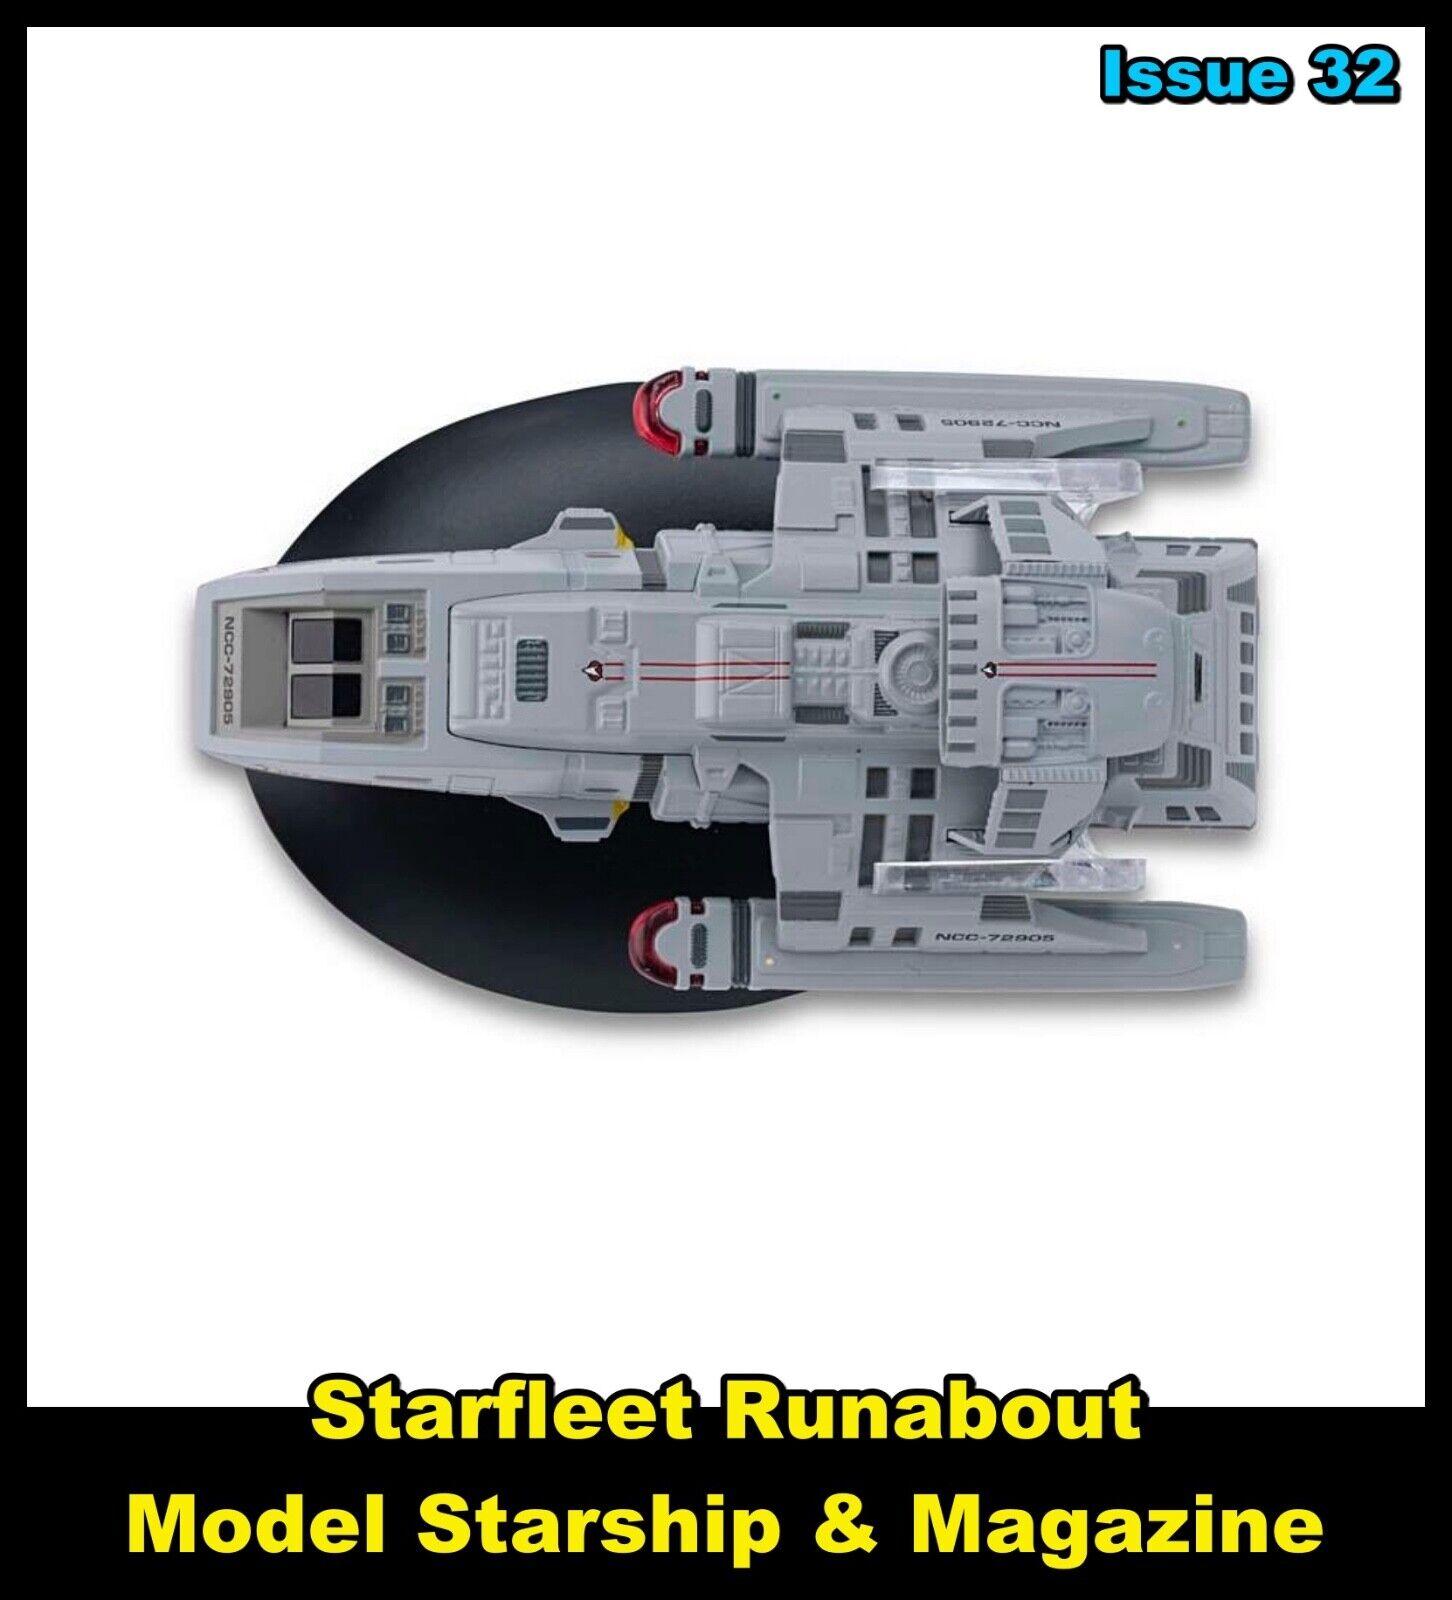 Issue 32: Starfleet Runabout